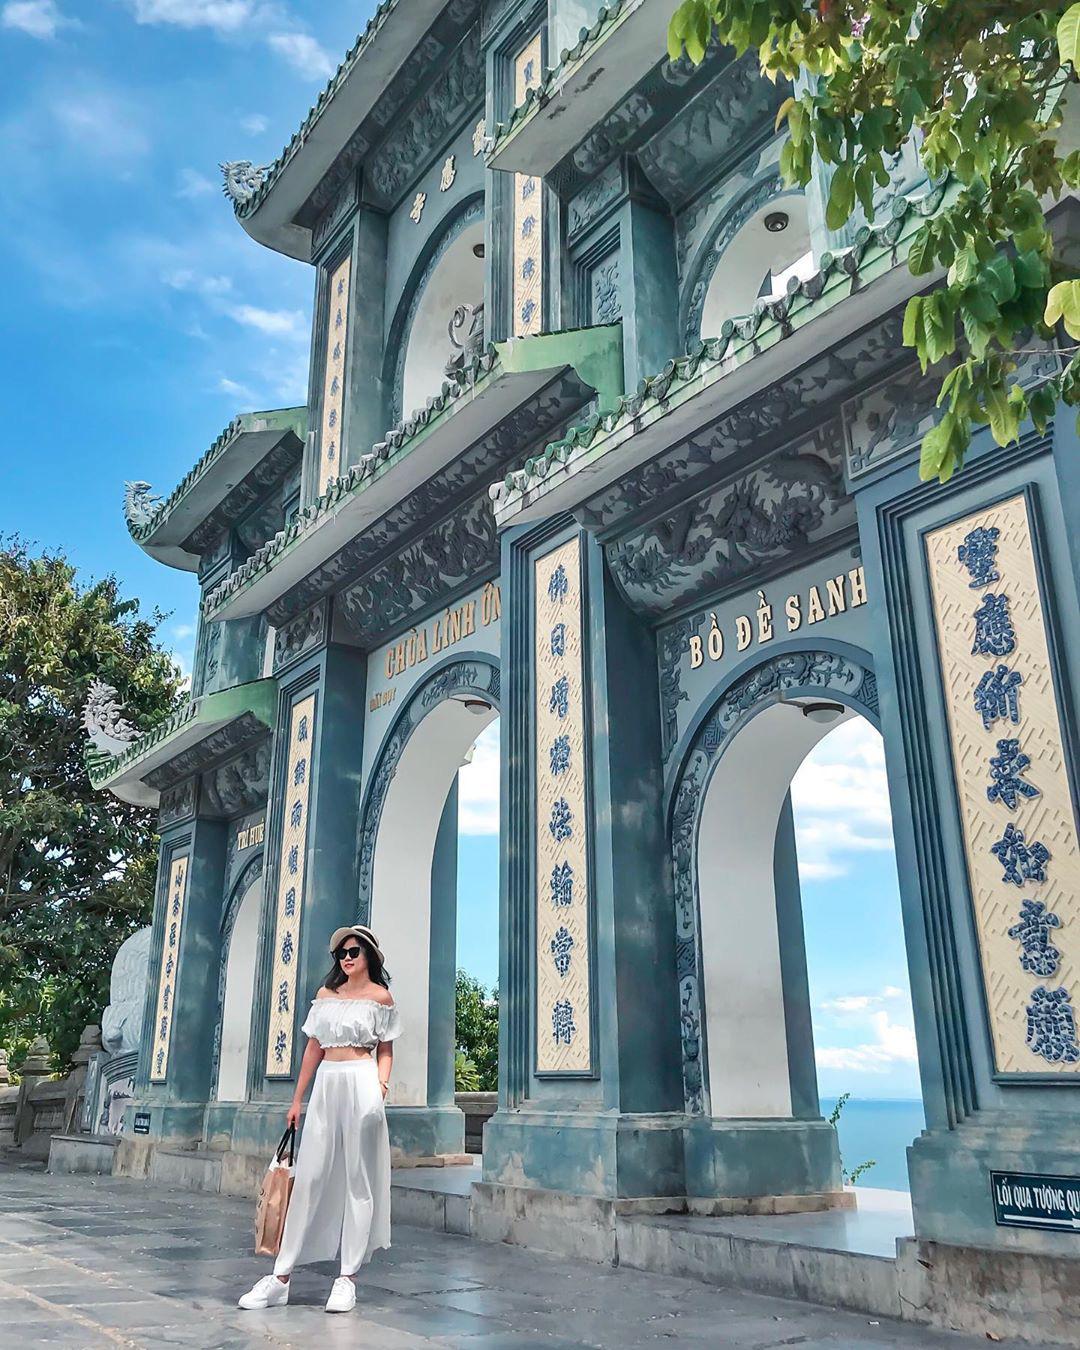 Tour du lịch Tết TP HCM - Đà Nẵng 3 ngày 2 đêm - Ảnh 8.